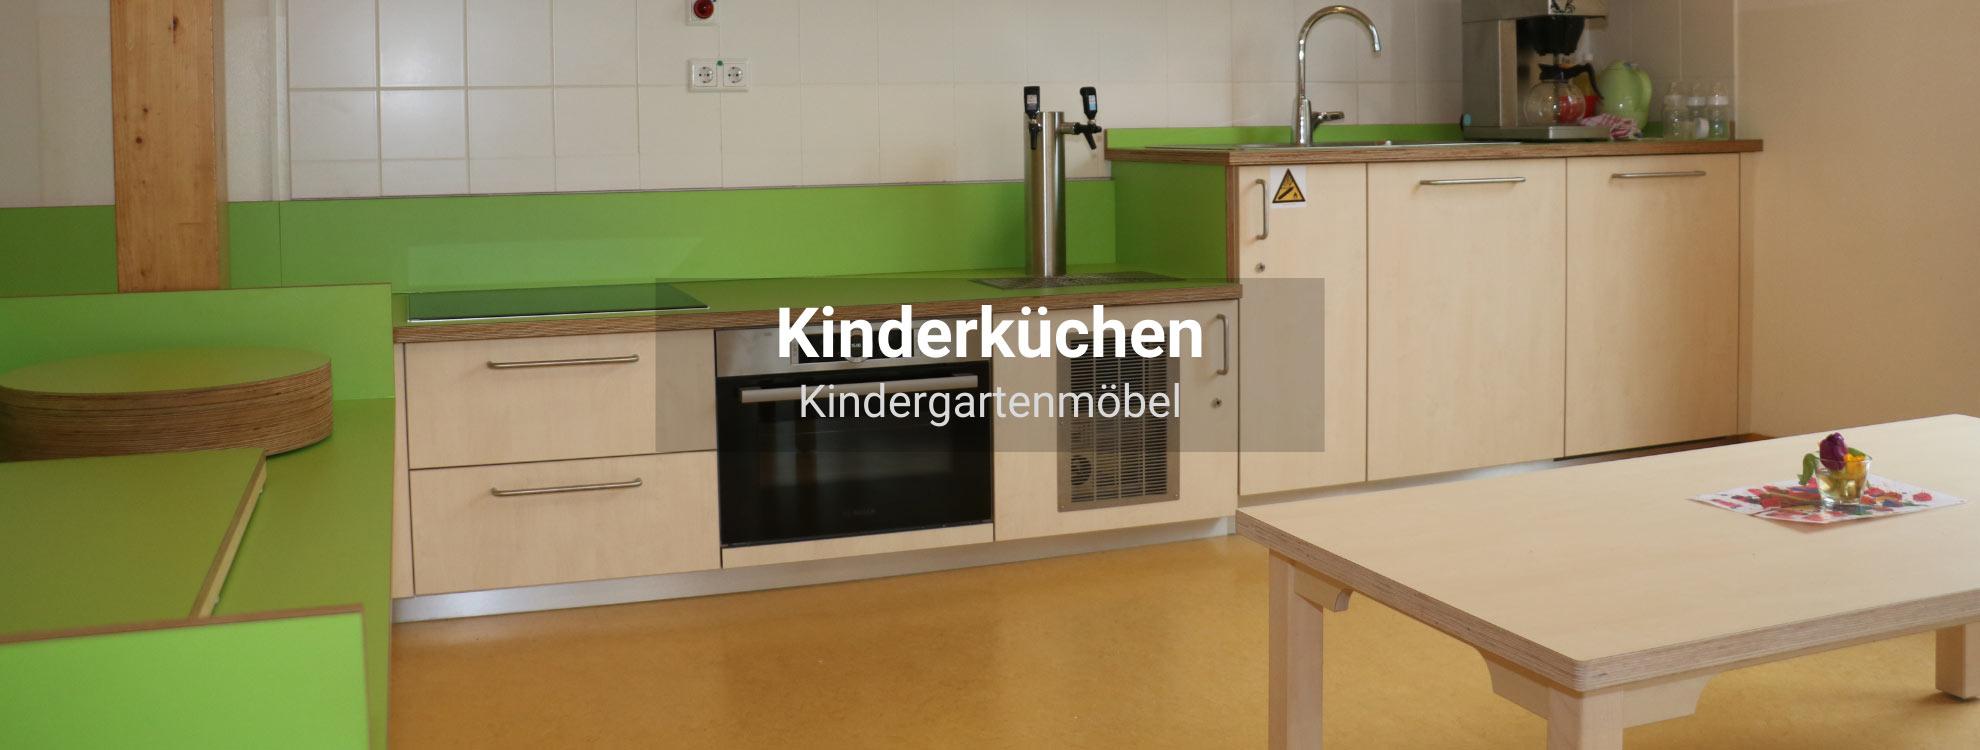 Kinderküche-Kindergartenmöbel